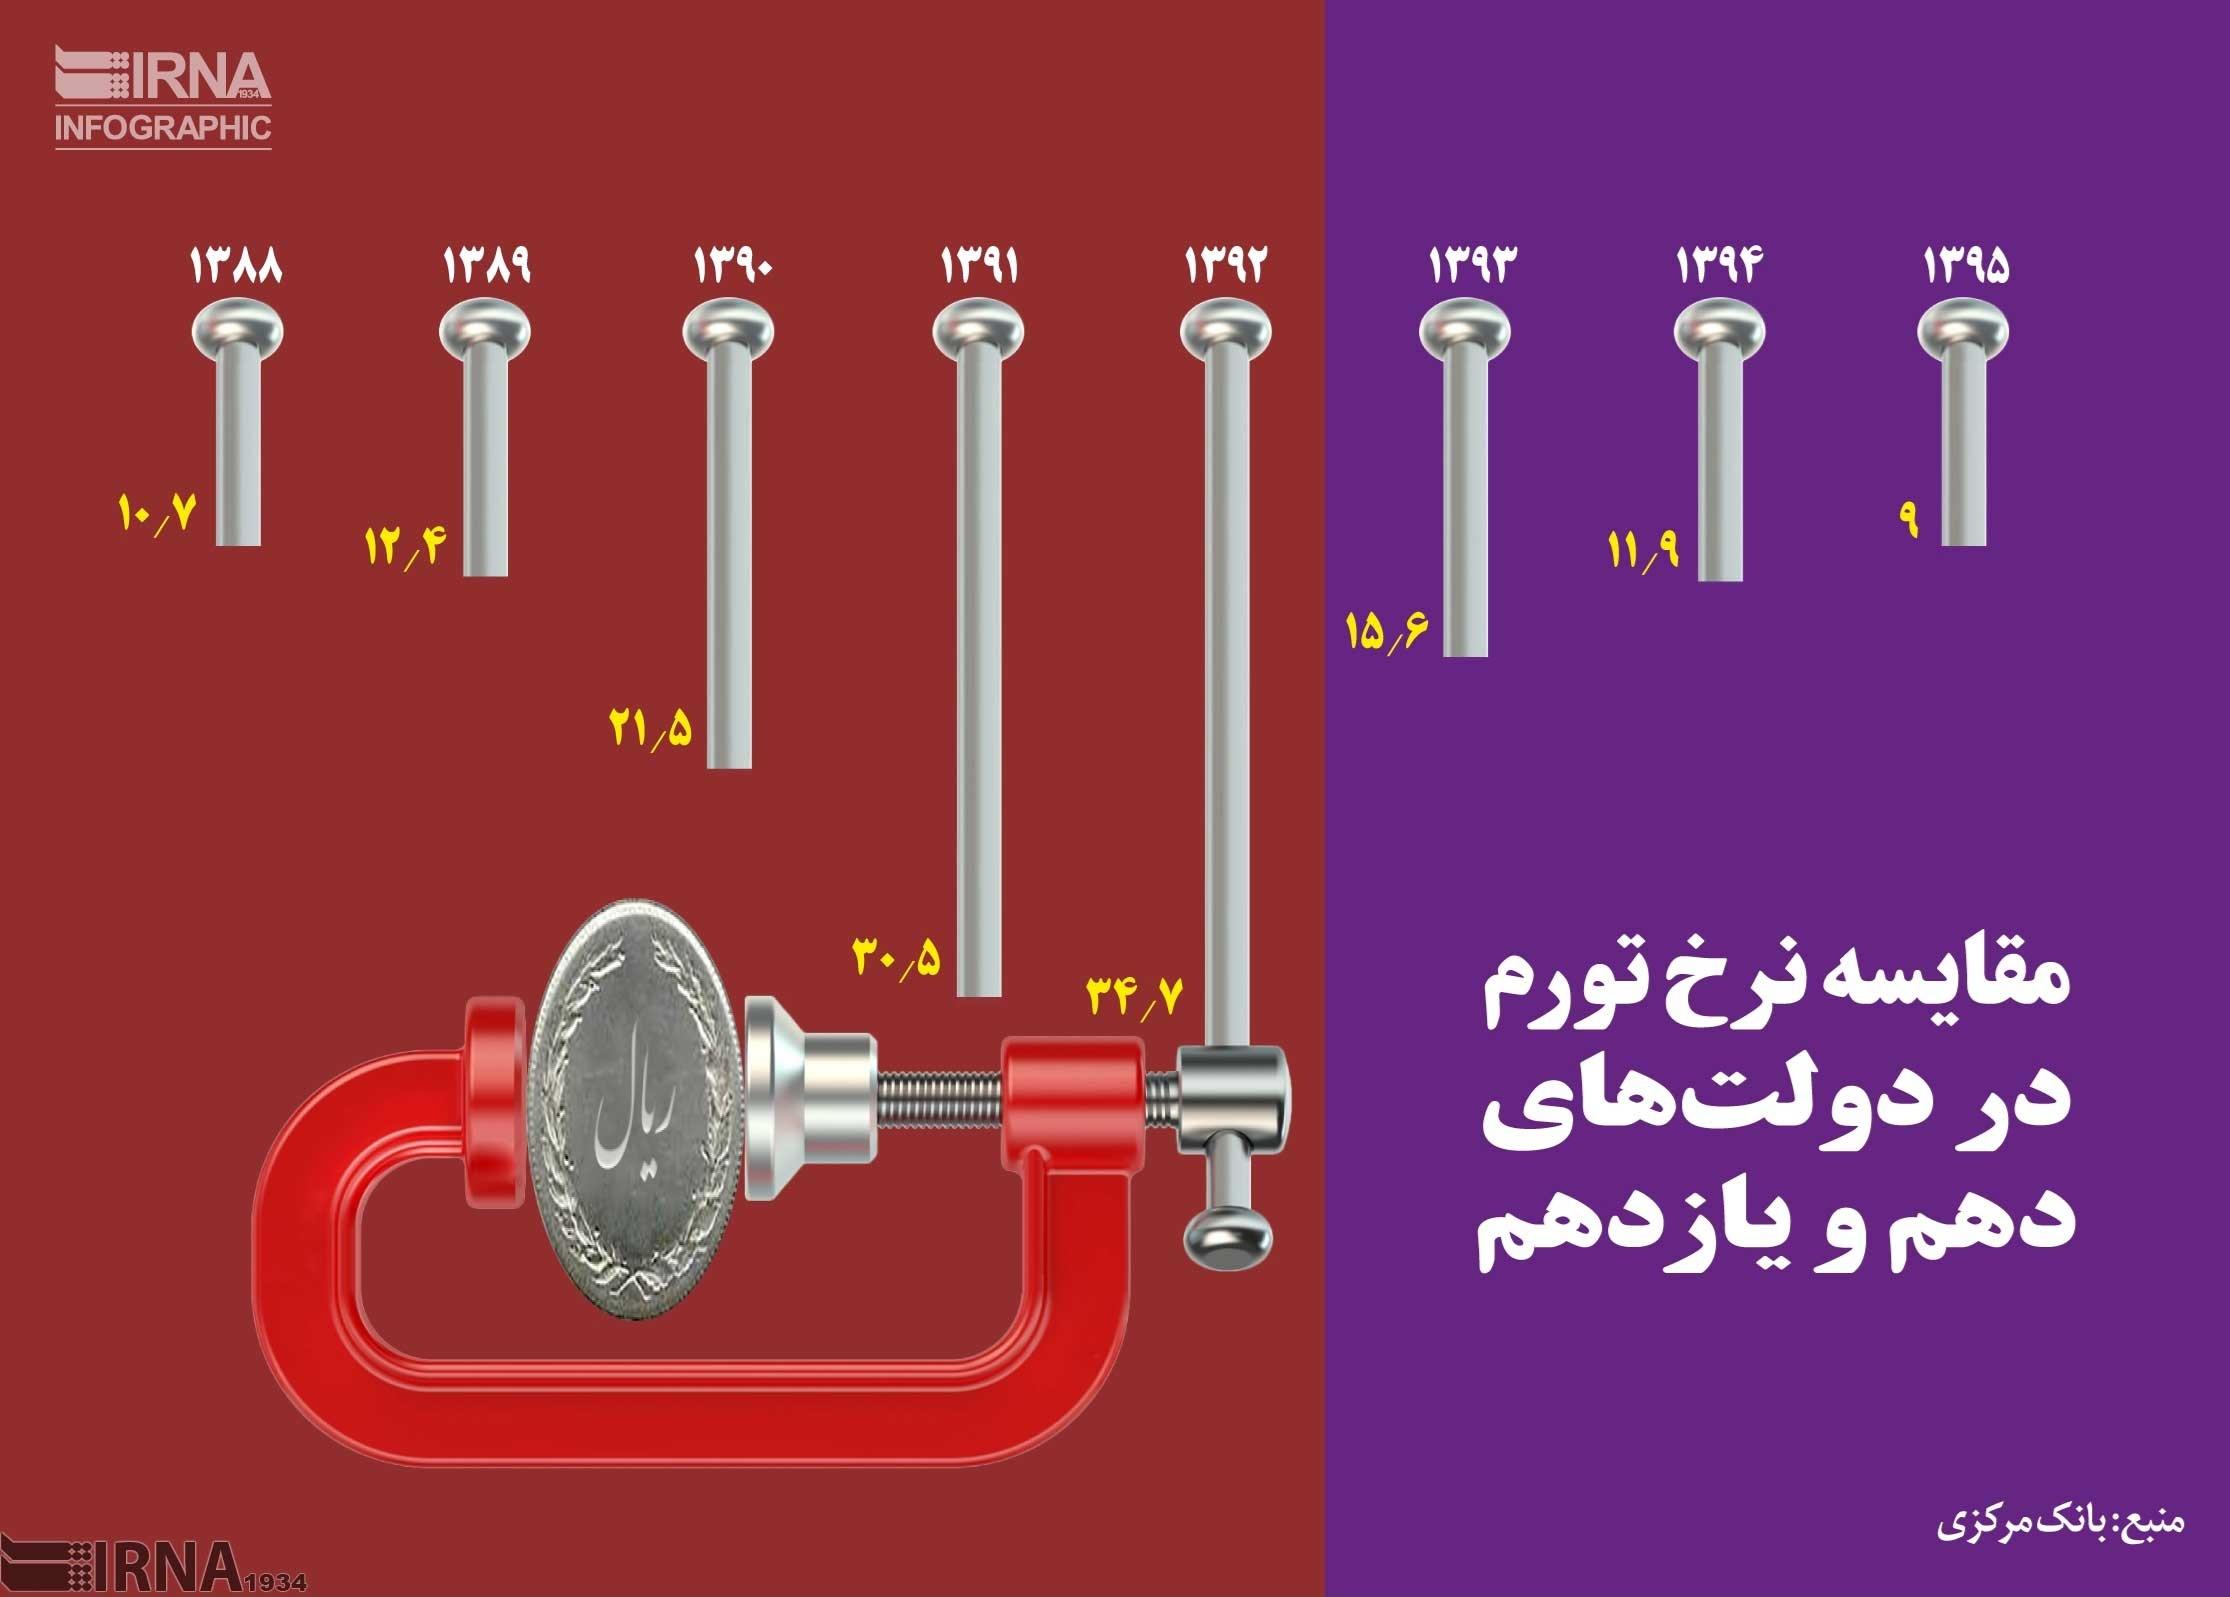 اینفوگرافیک   مقایسه نرخ تورم در دولتهای دهم و یازدهم